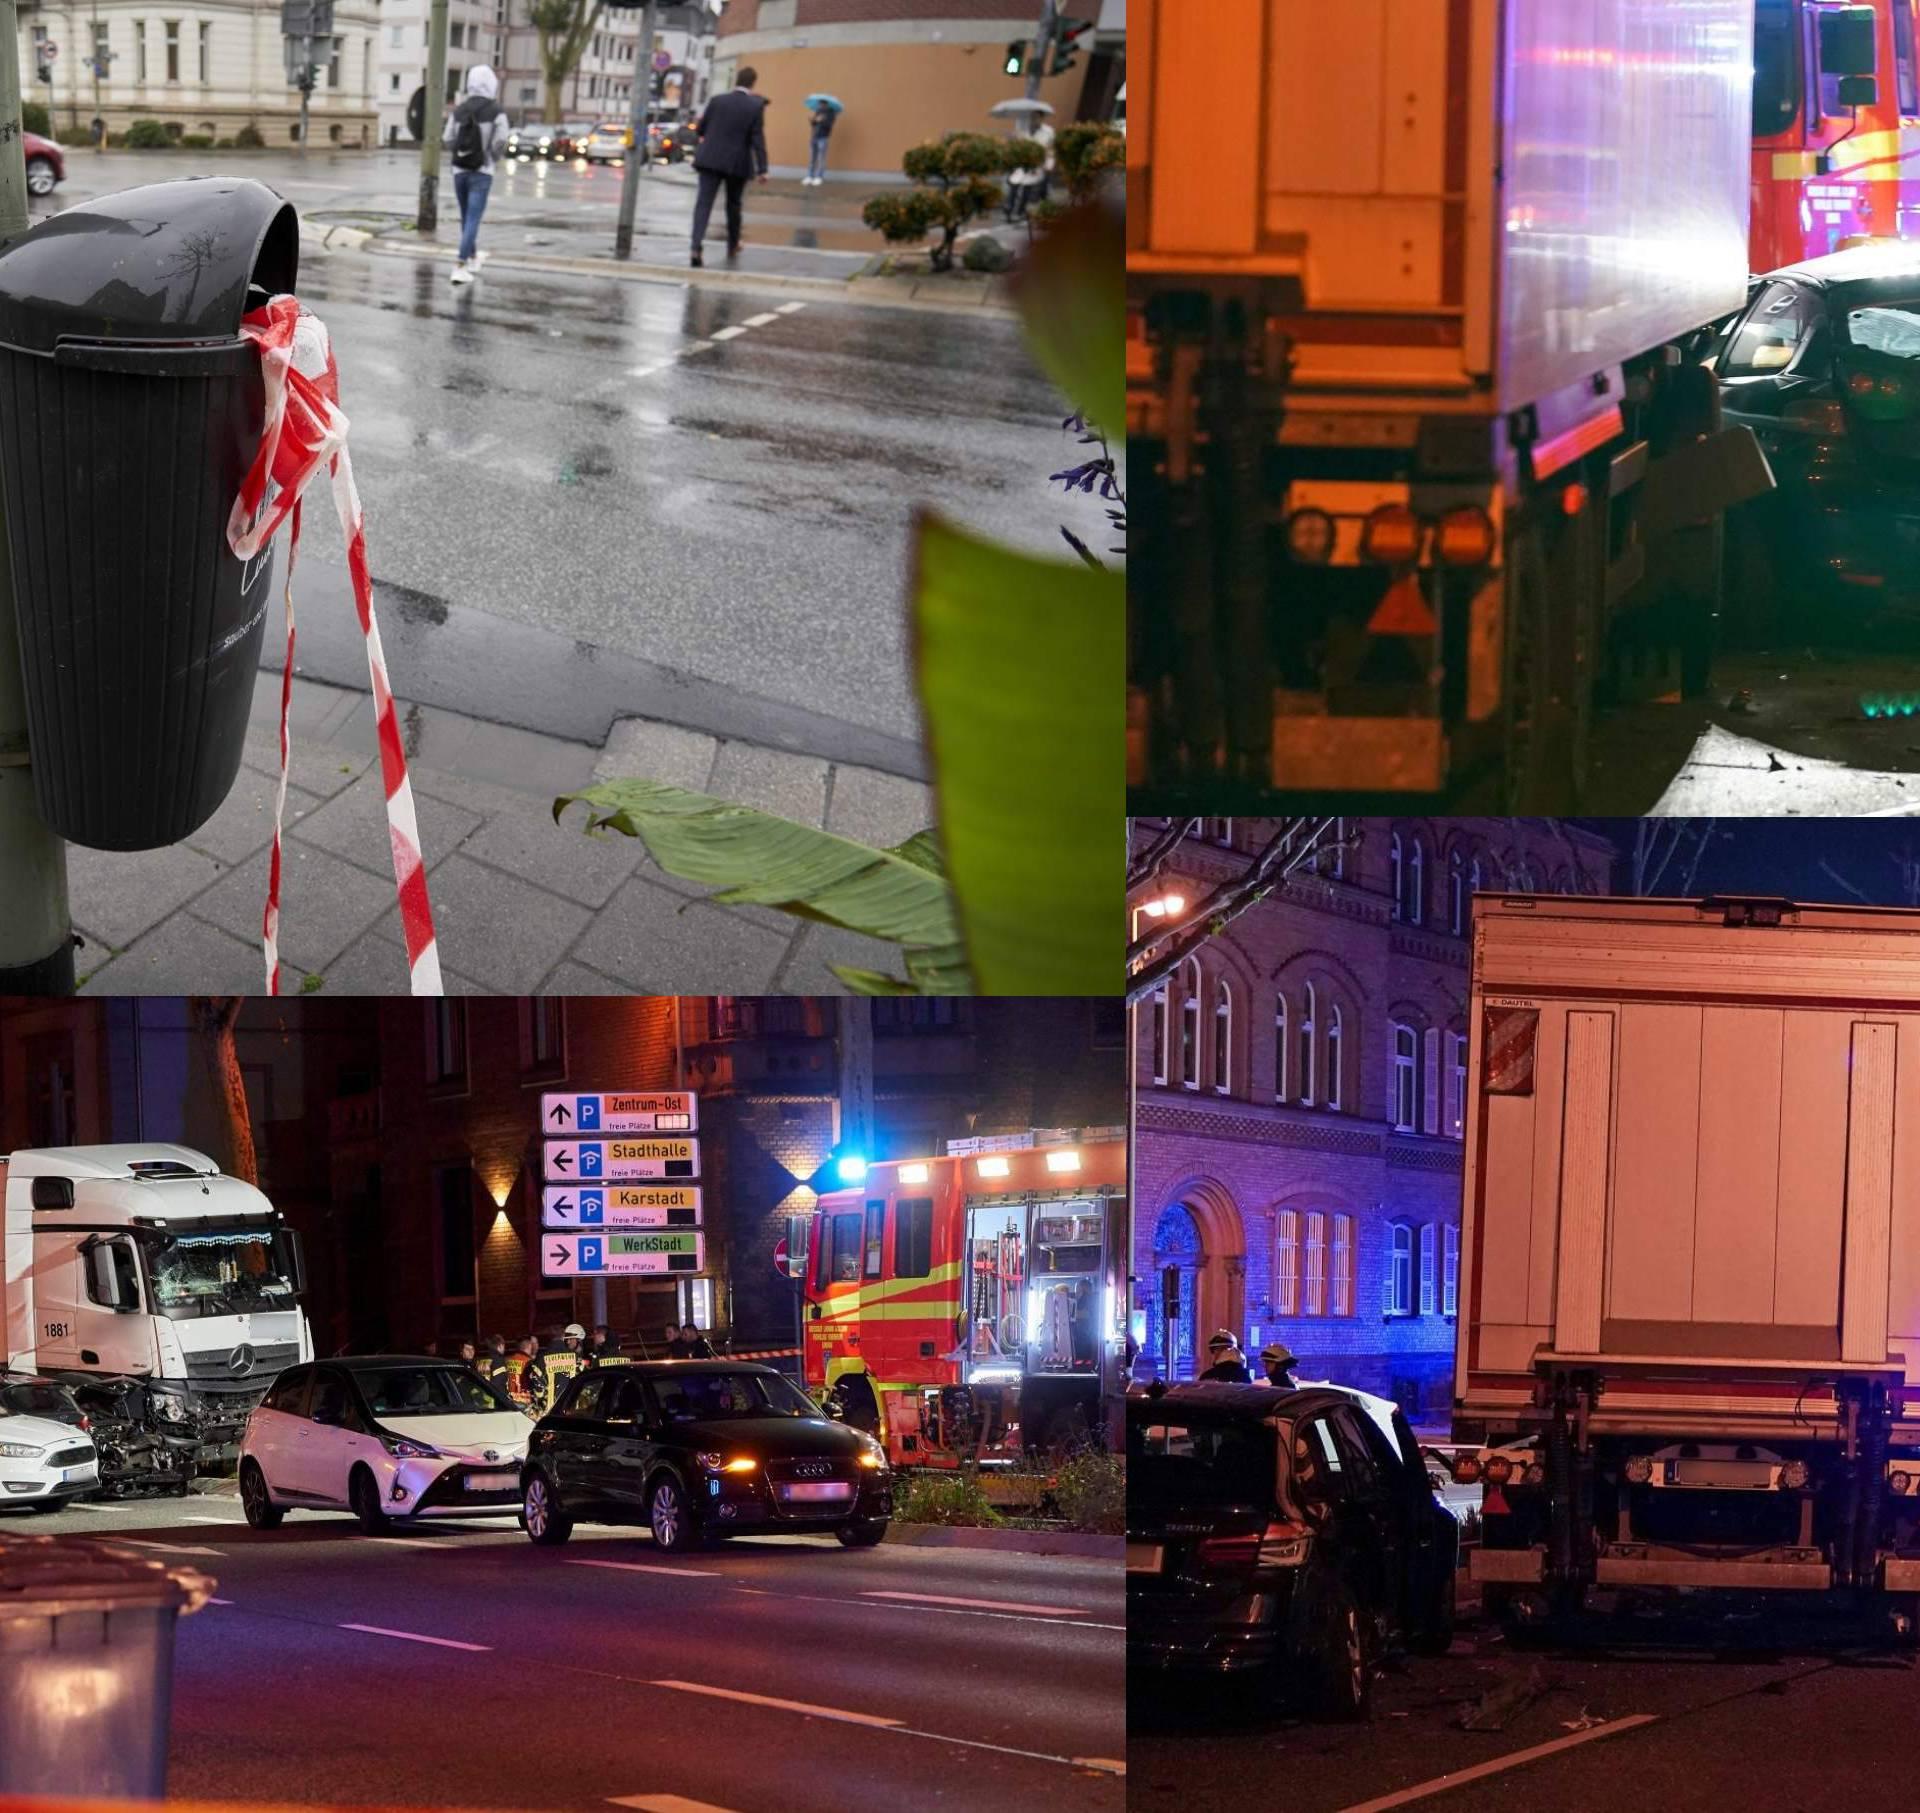 Ukrao kamion i pokosio kolonu auta, devet ljudi je ozlijeđeno...